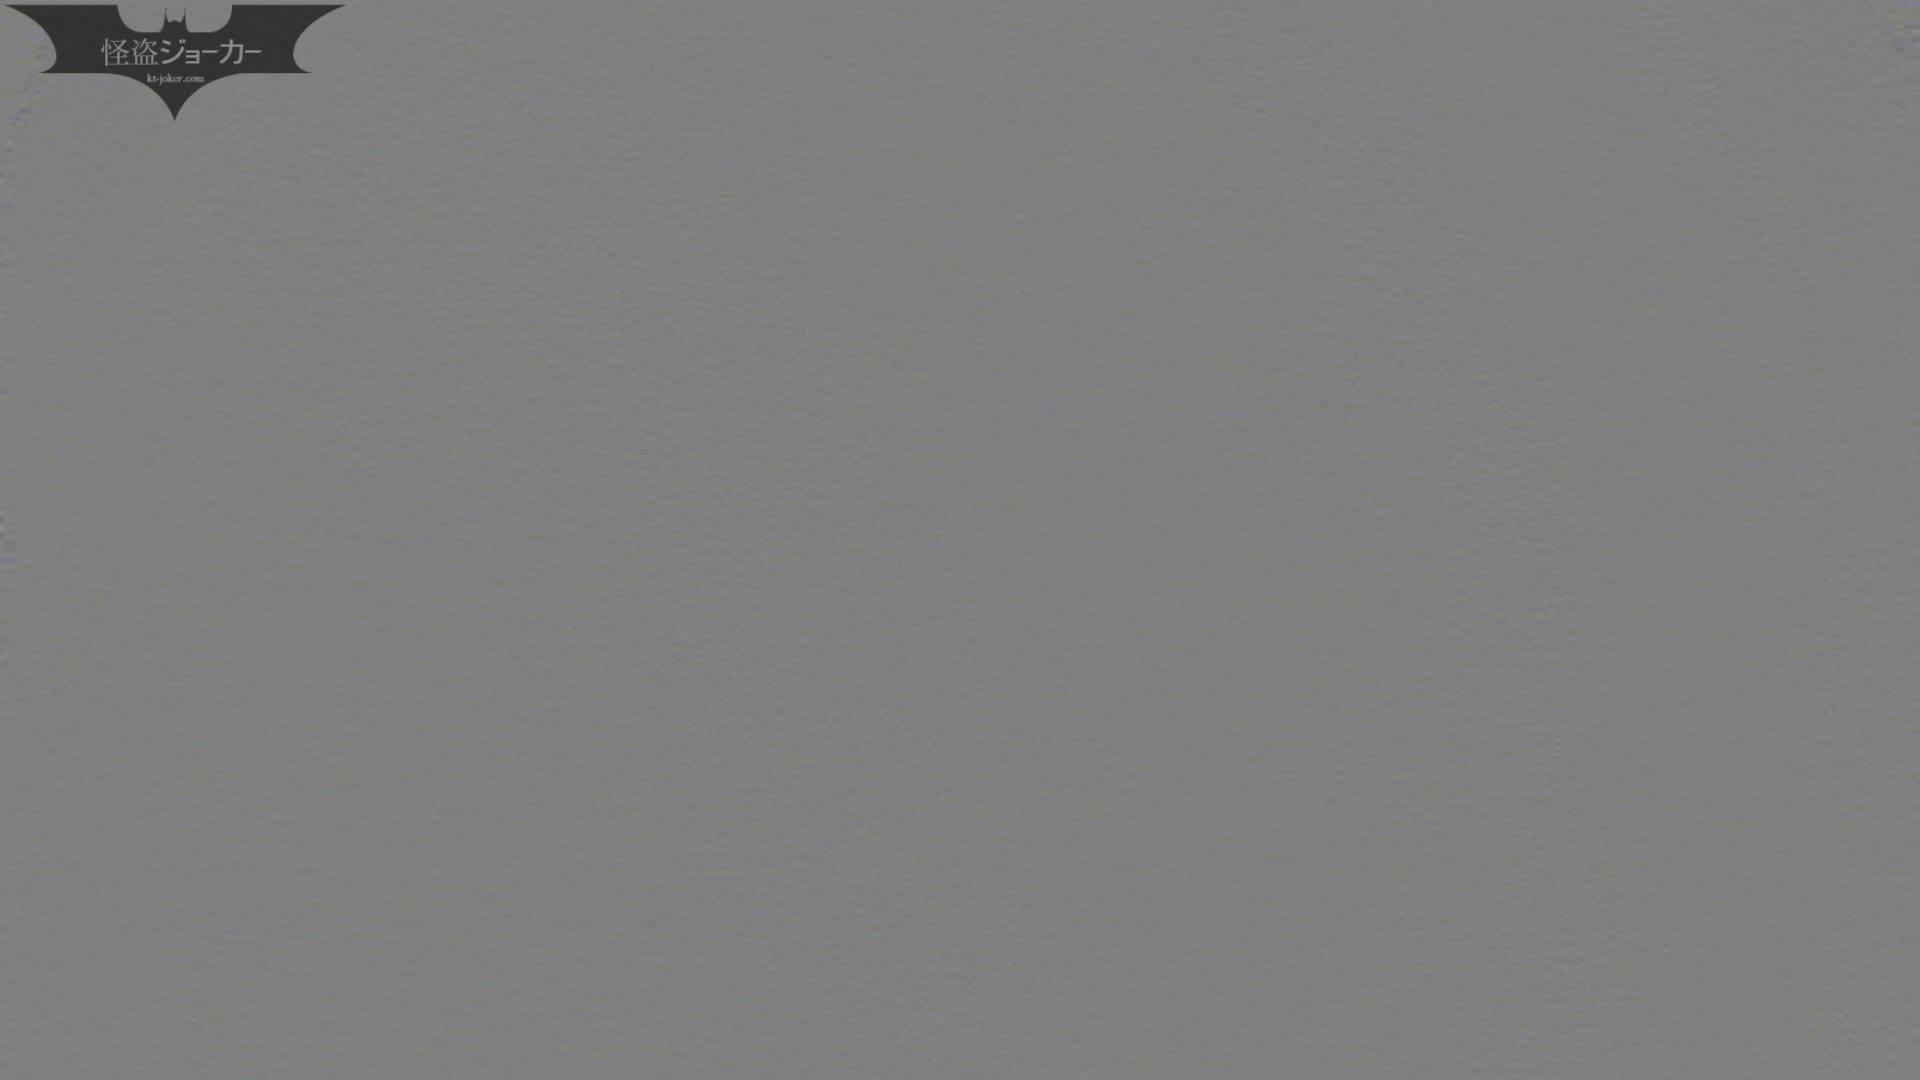 洗面所特攻隊 vol.46続編 サムネの子の・・・【2015・23位】 エロくん潜入 | 洗面所  64連発 34